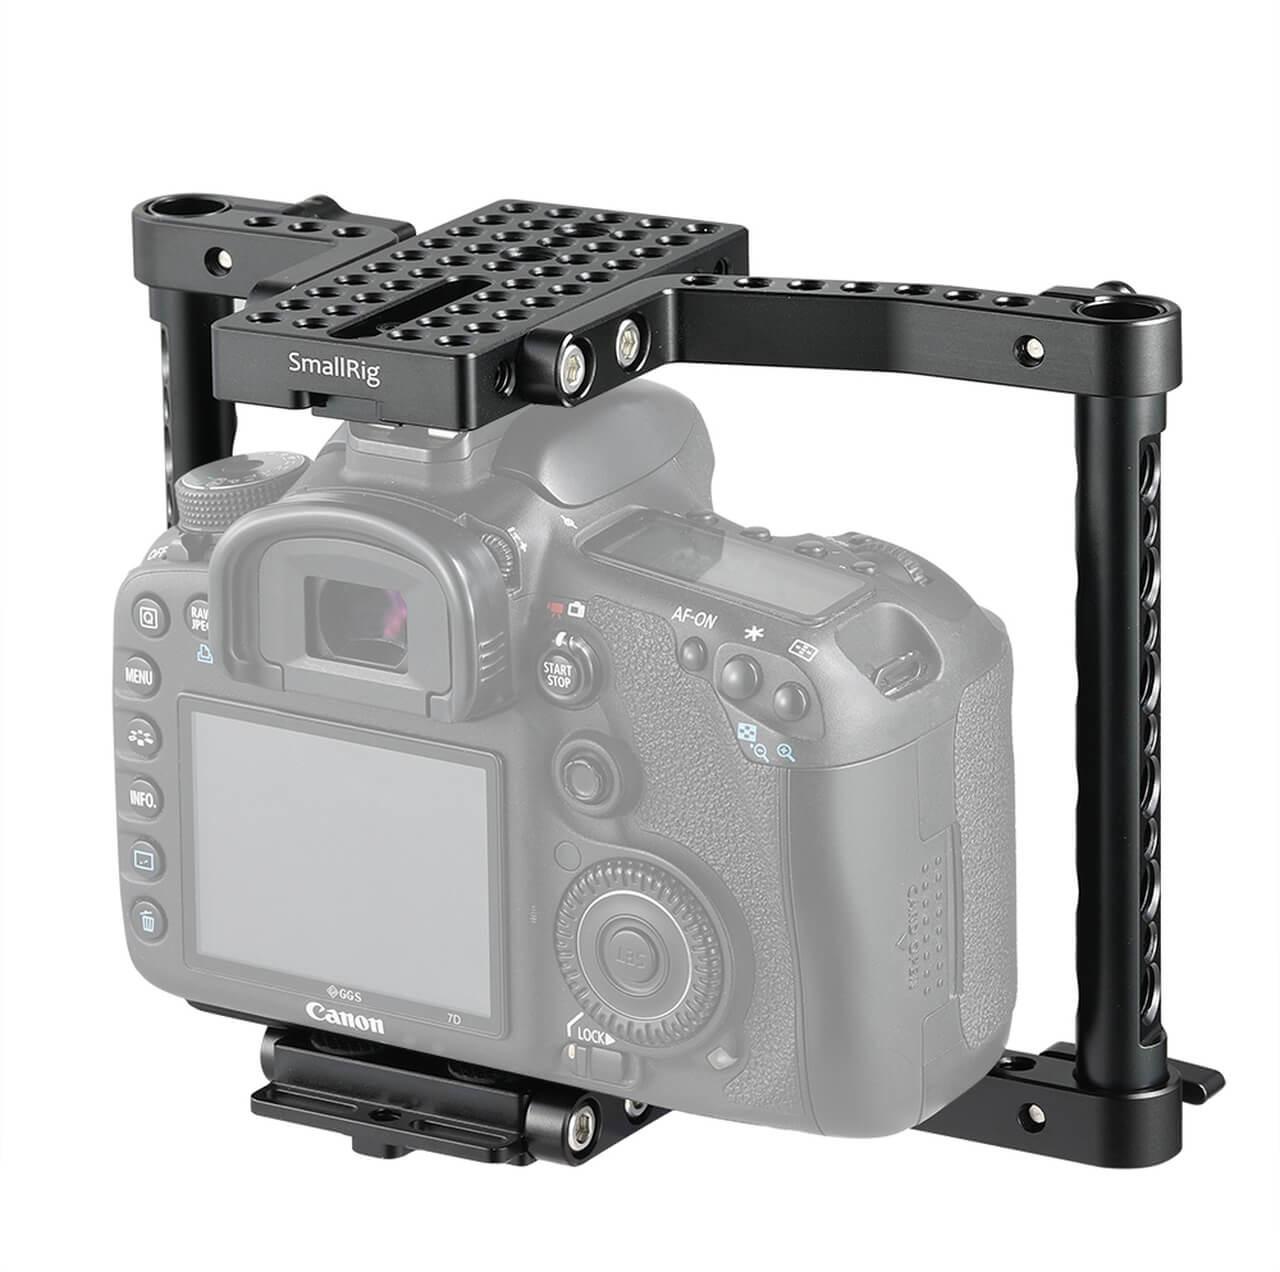 smallrig Klatka operatorska 1584 do Canon/Nikon/DSLR